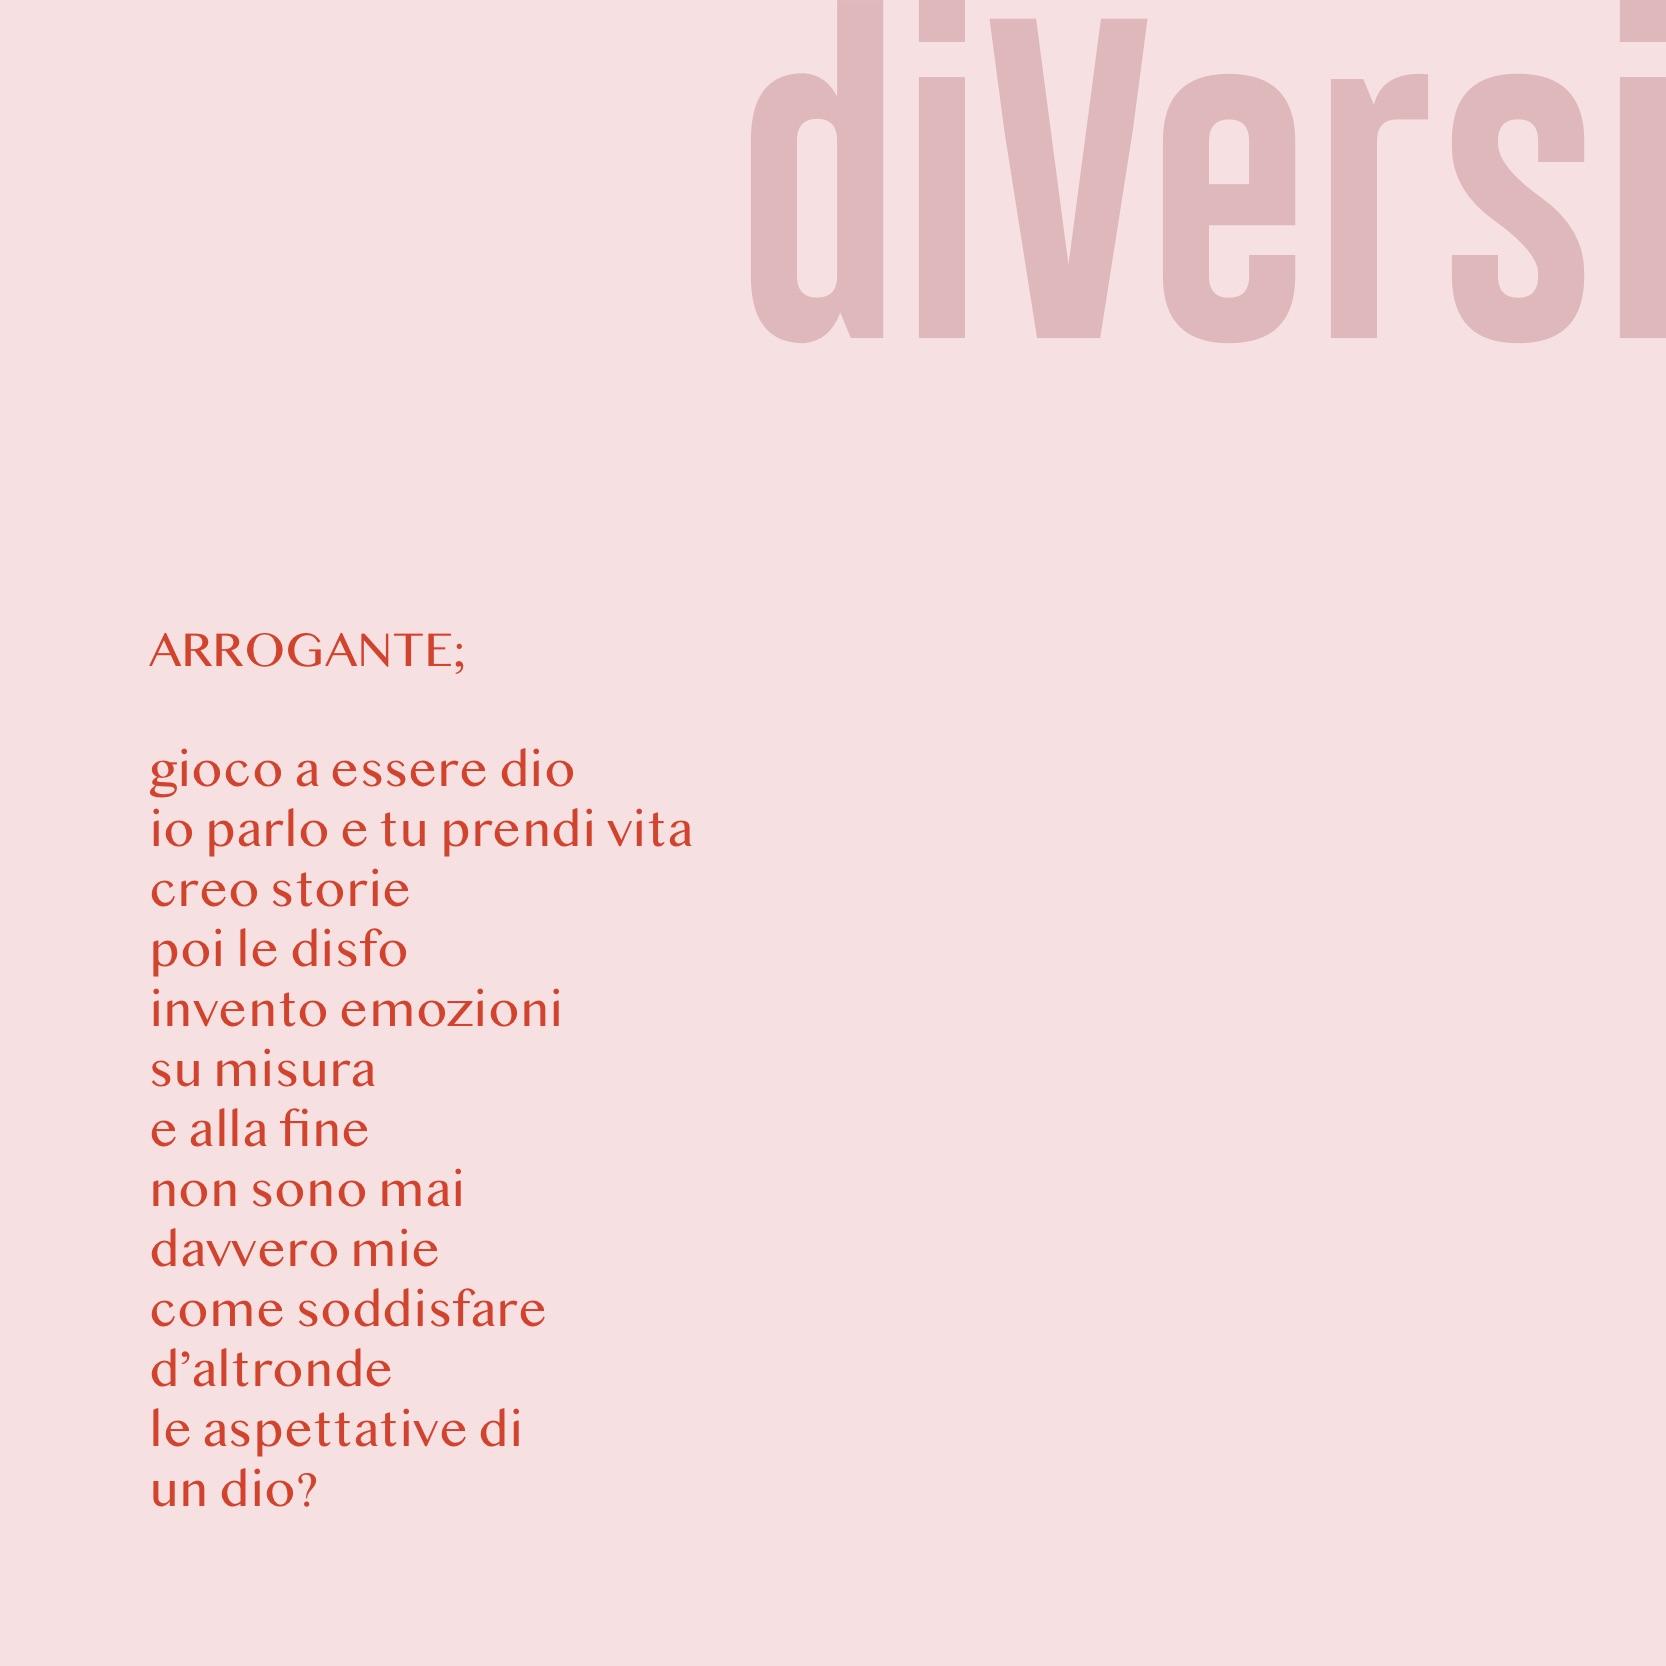 arrogante diversi